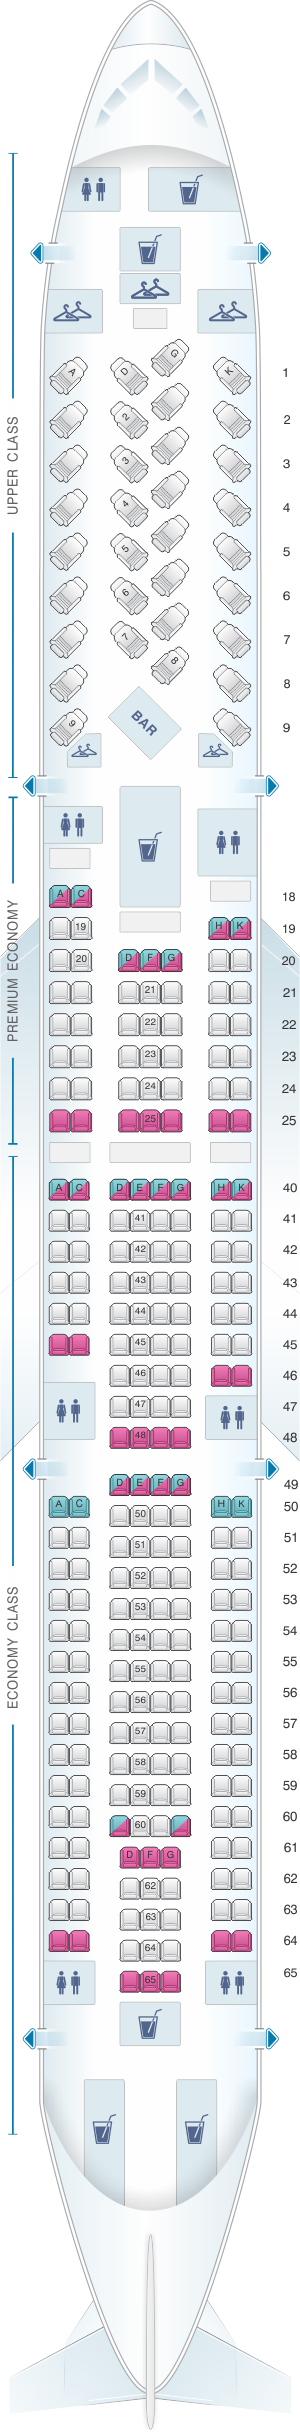 Seat map for Virgin Atlantic Airbus A330 300